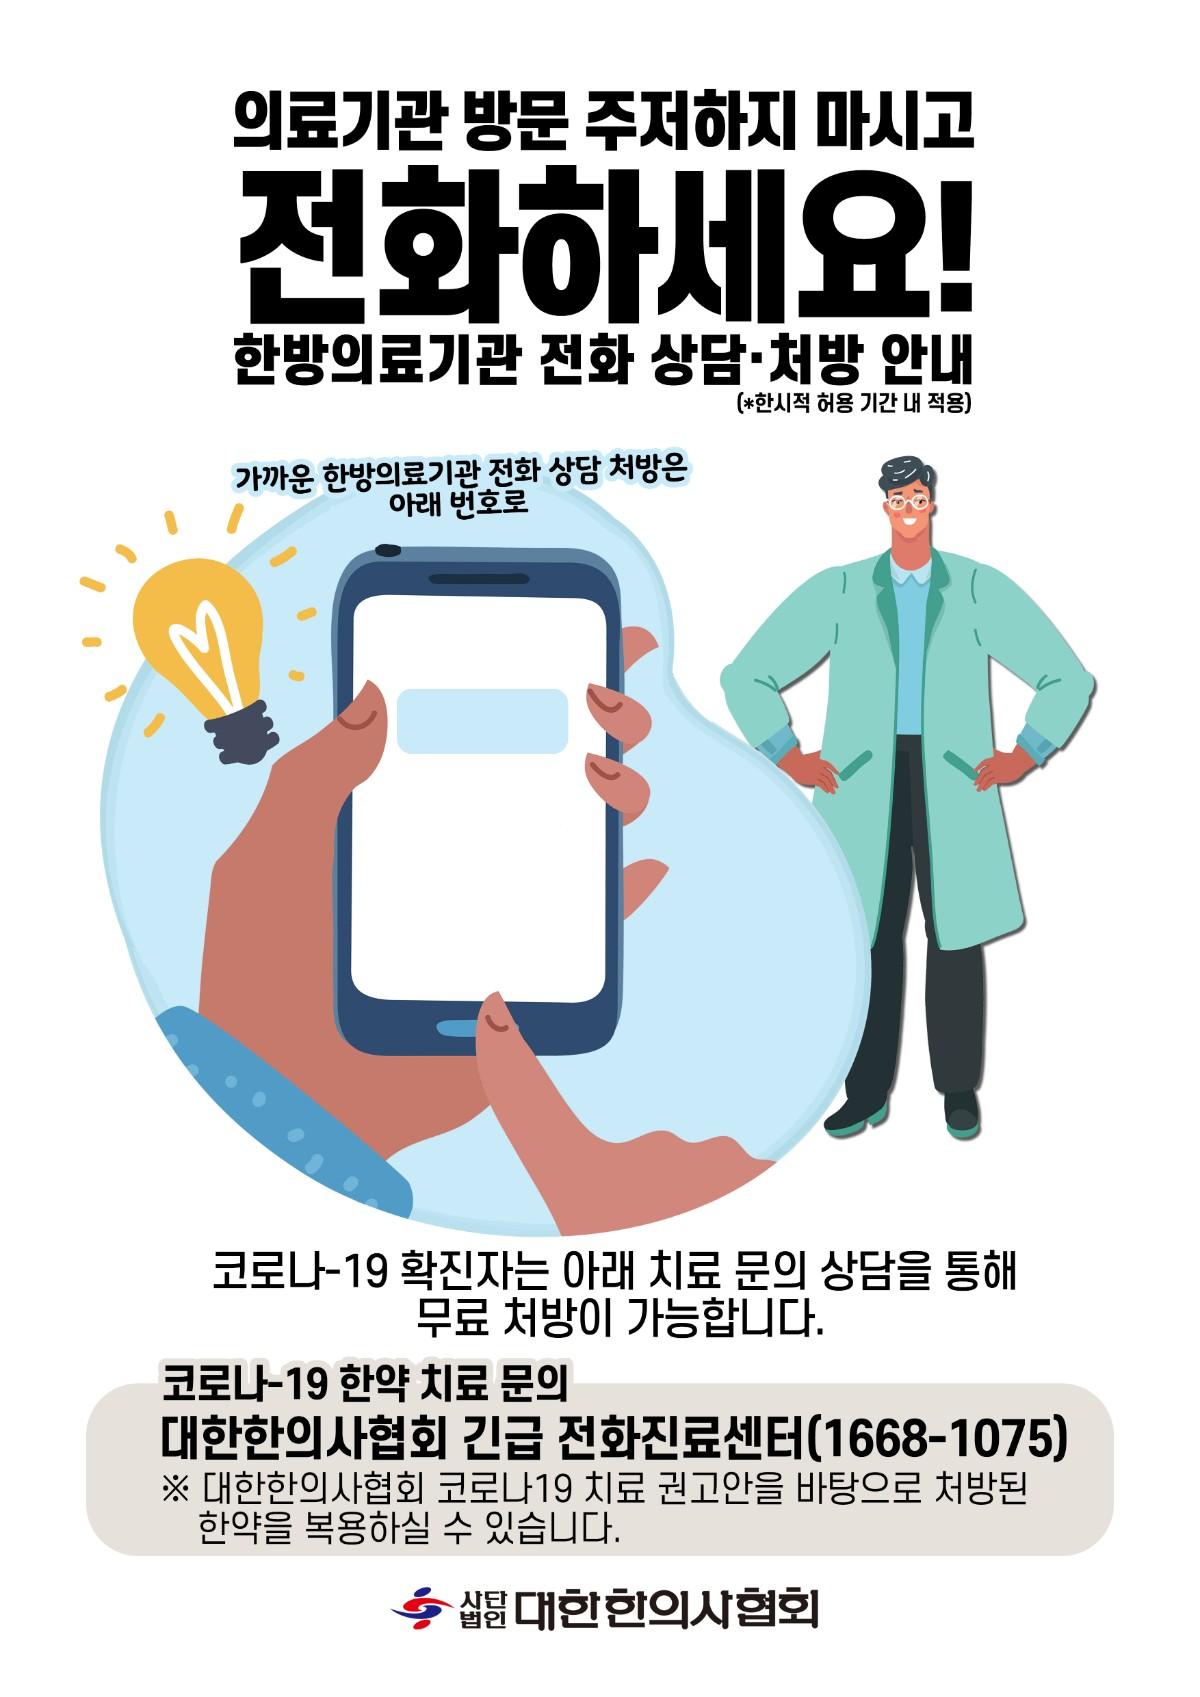 한방의료기관 전화상담 포스터2.jpg